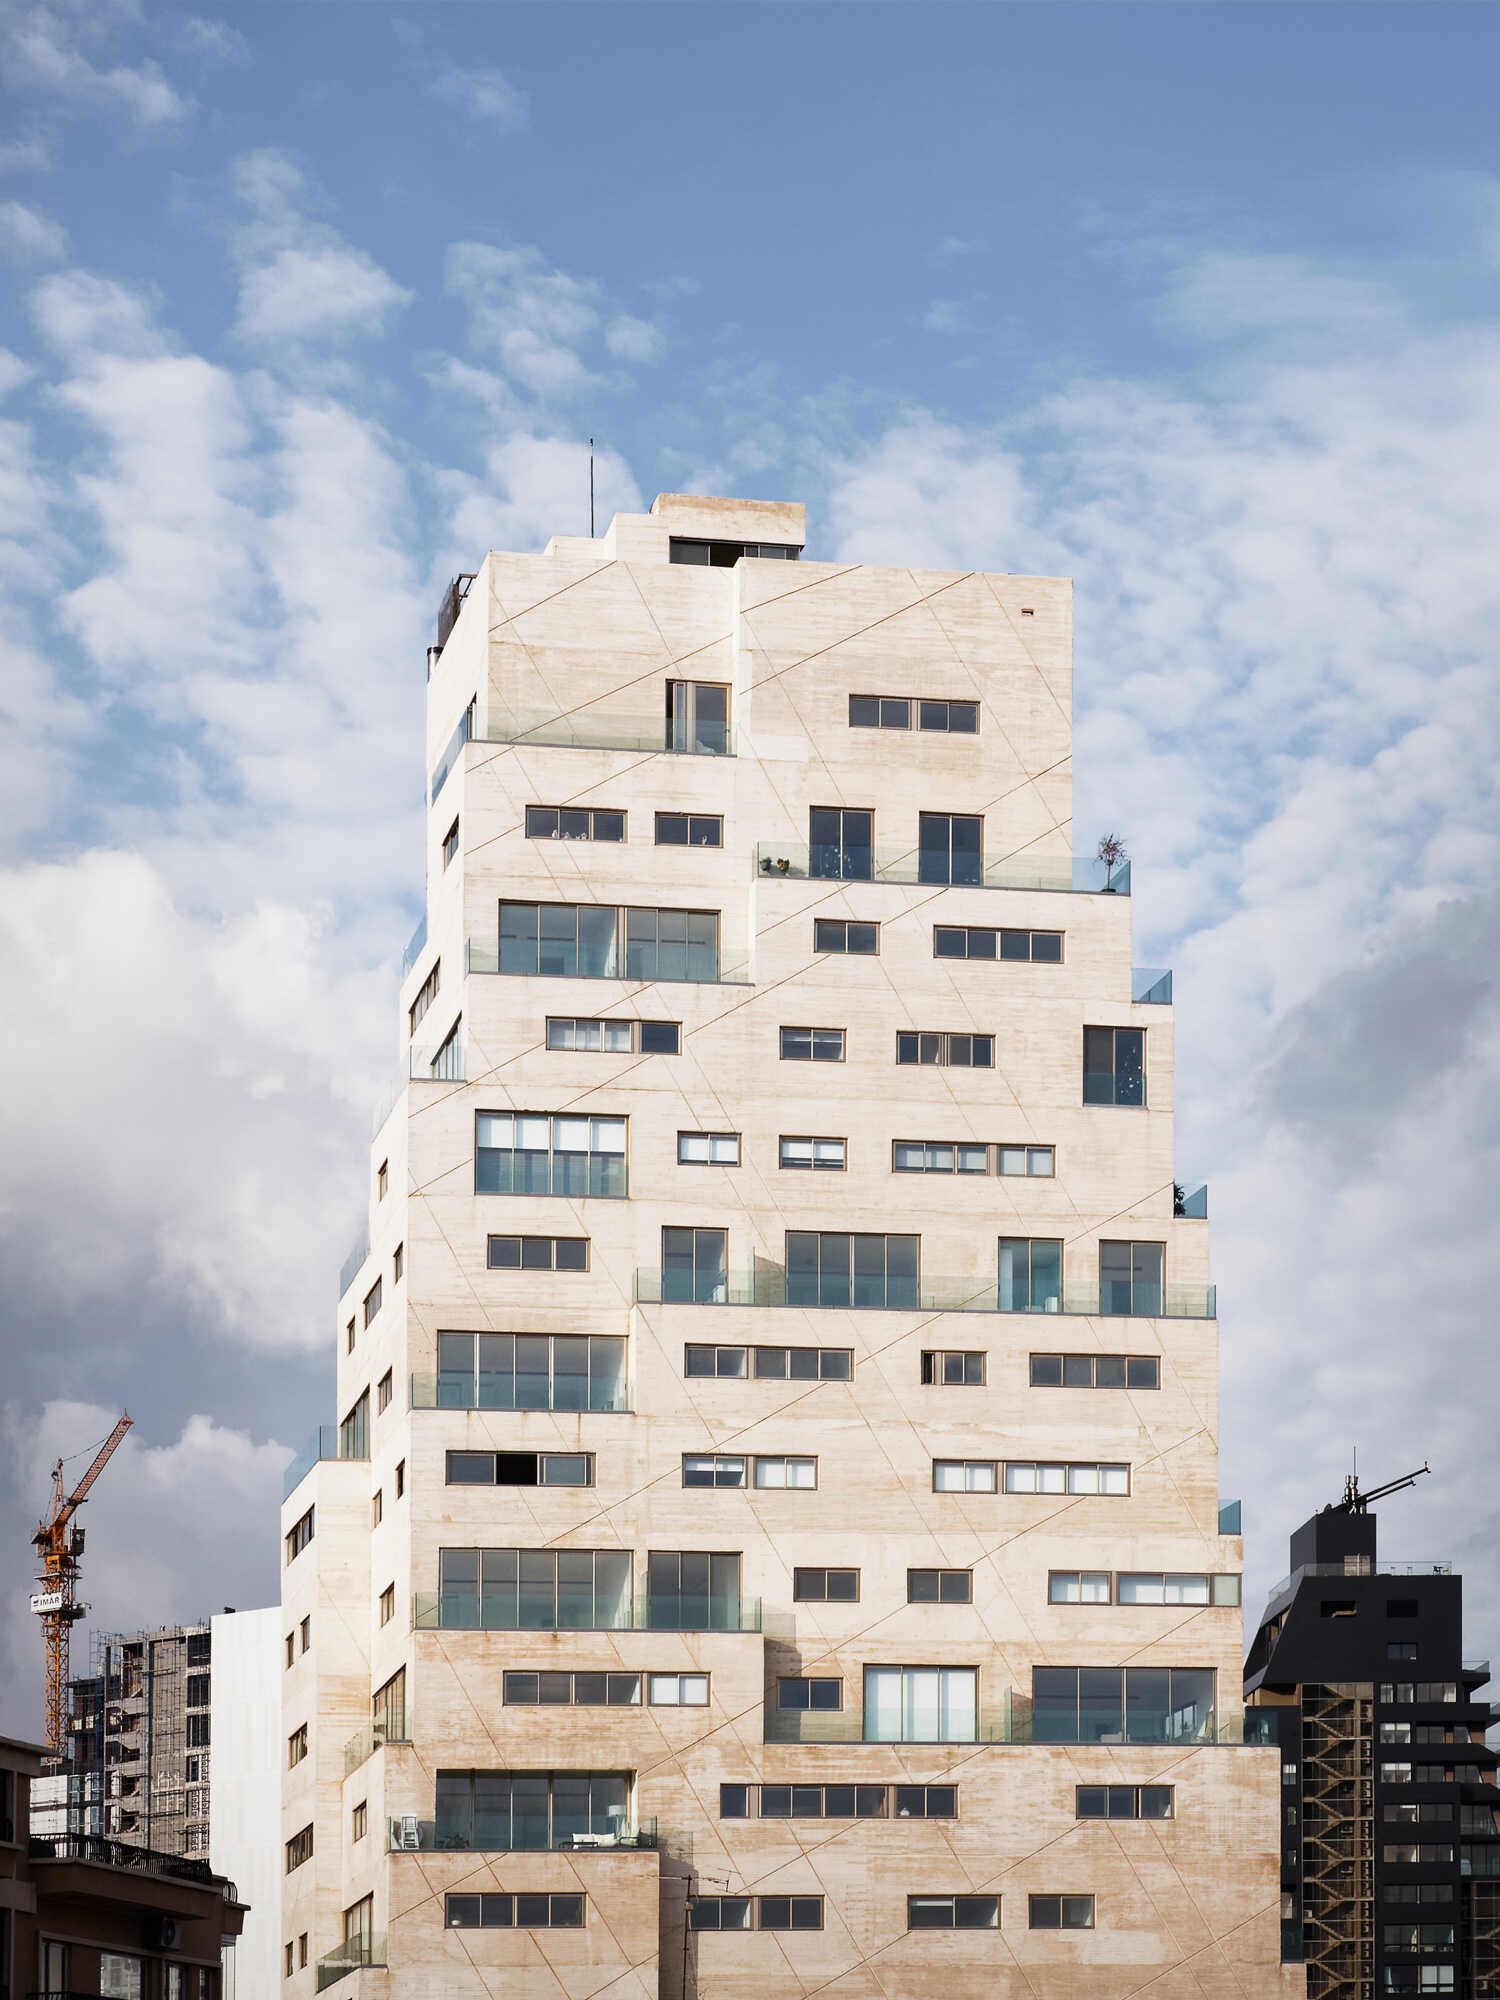 חפצים בירות<br><br>מגדל AYA ברובע Mar Michael<br><br>שכנים. מעבר לגדר. פרויקט ייחודי בבירות, לבנון, בעת קרה אסון הפיצוץ האחרון ב-2020 בנמל בירות.